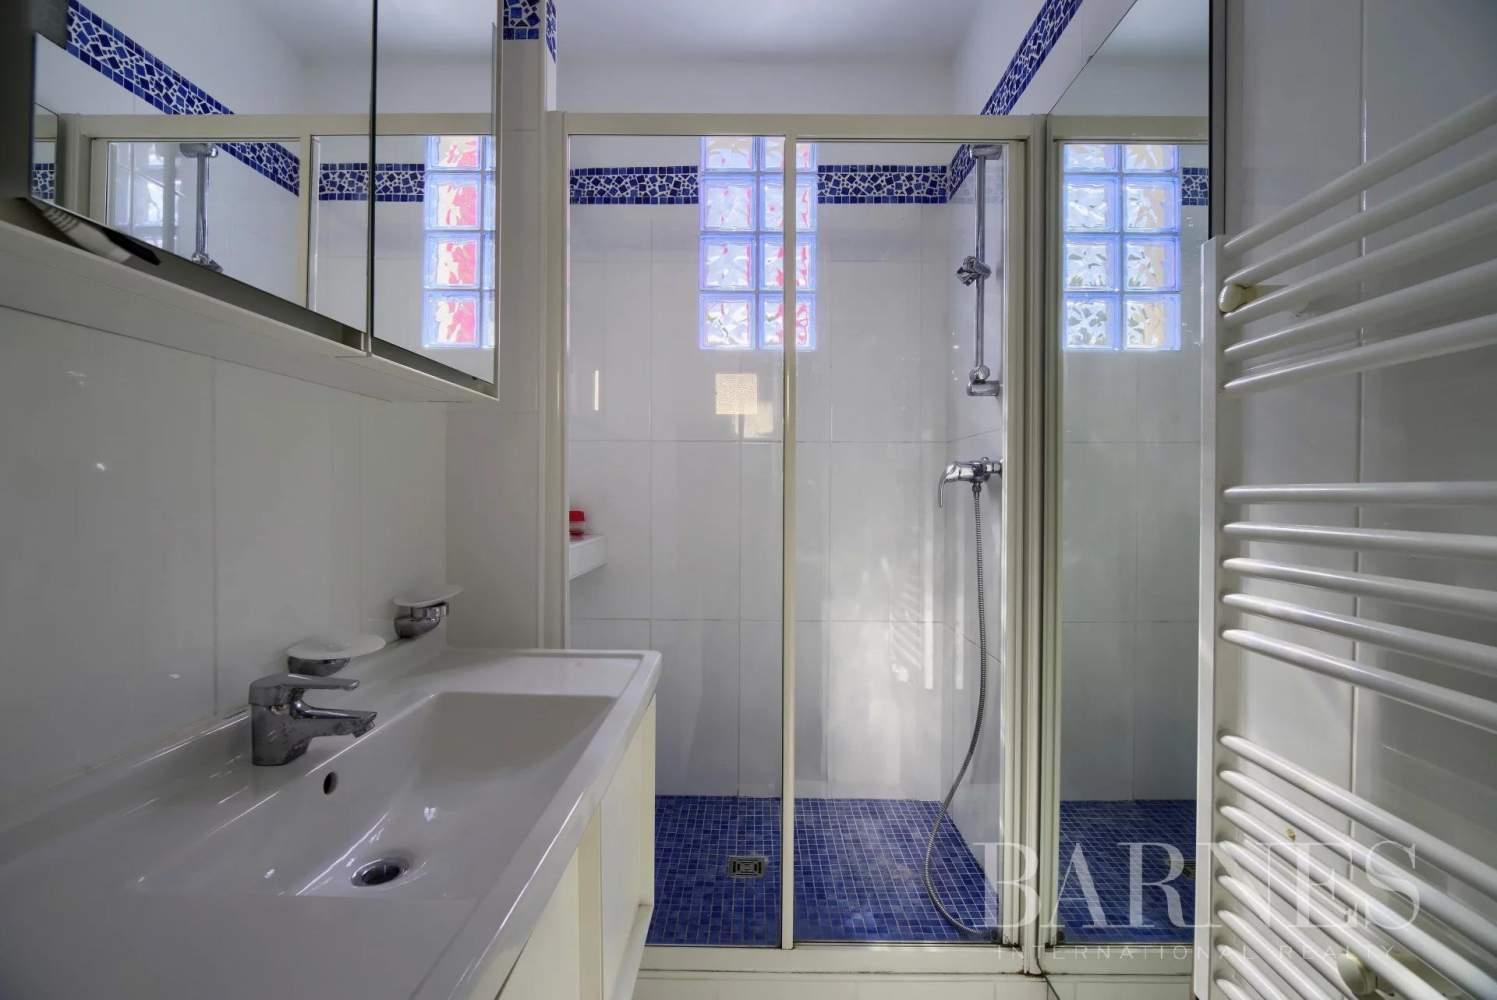 Arcachon  - Appartement 3 Pièces - picture 8